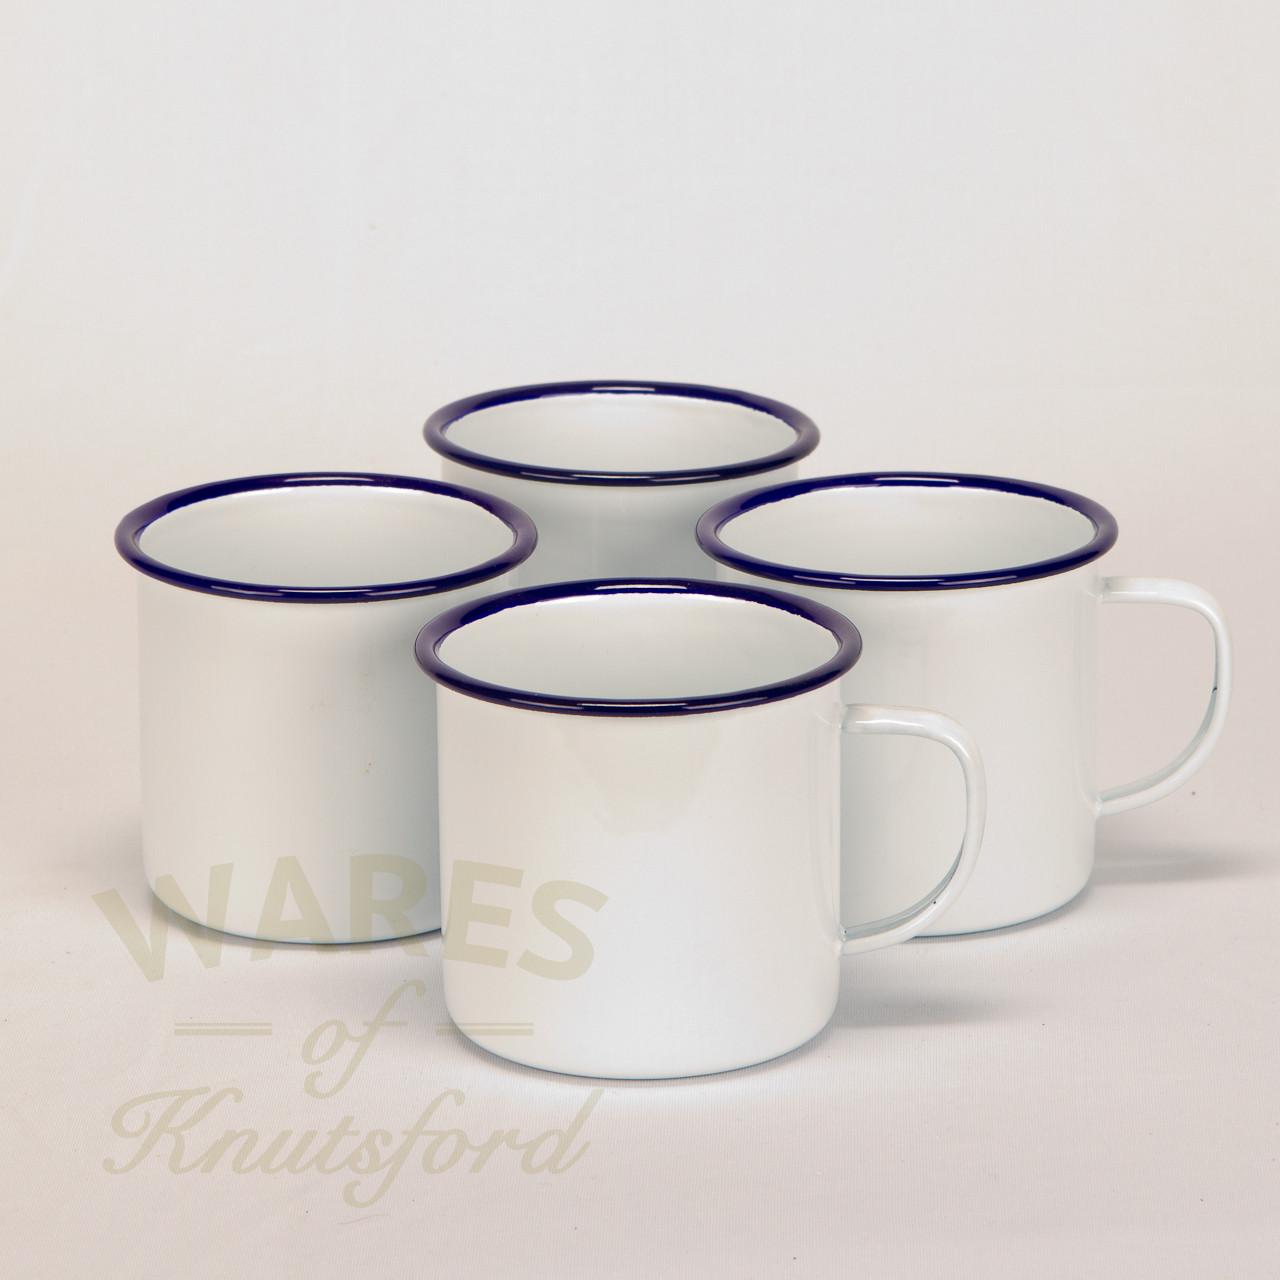 set of enamel mugs